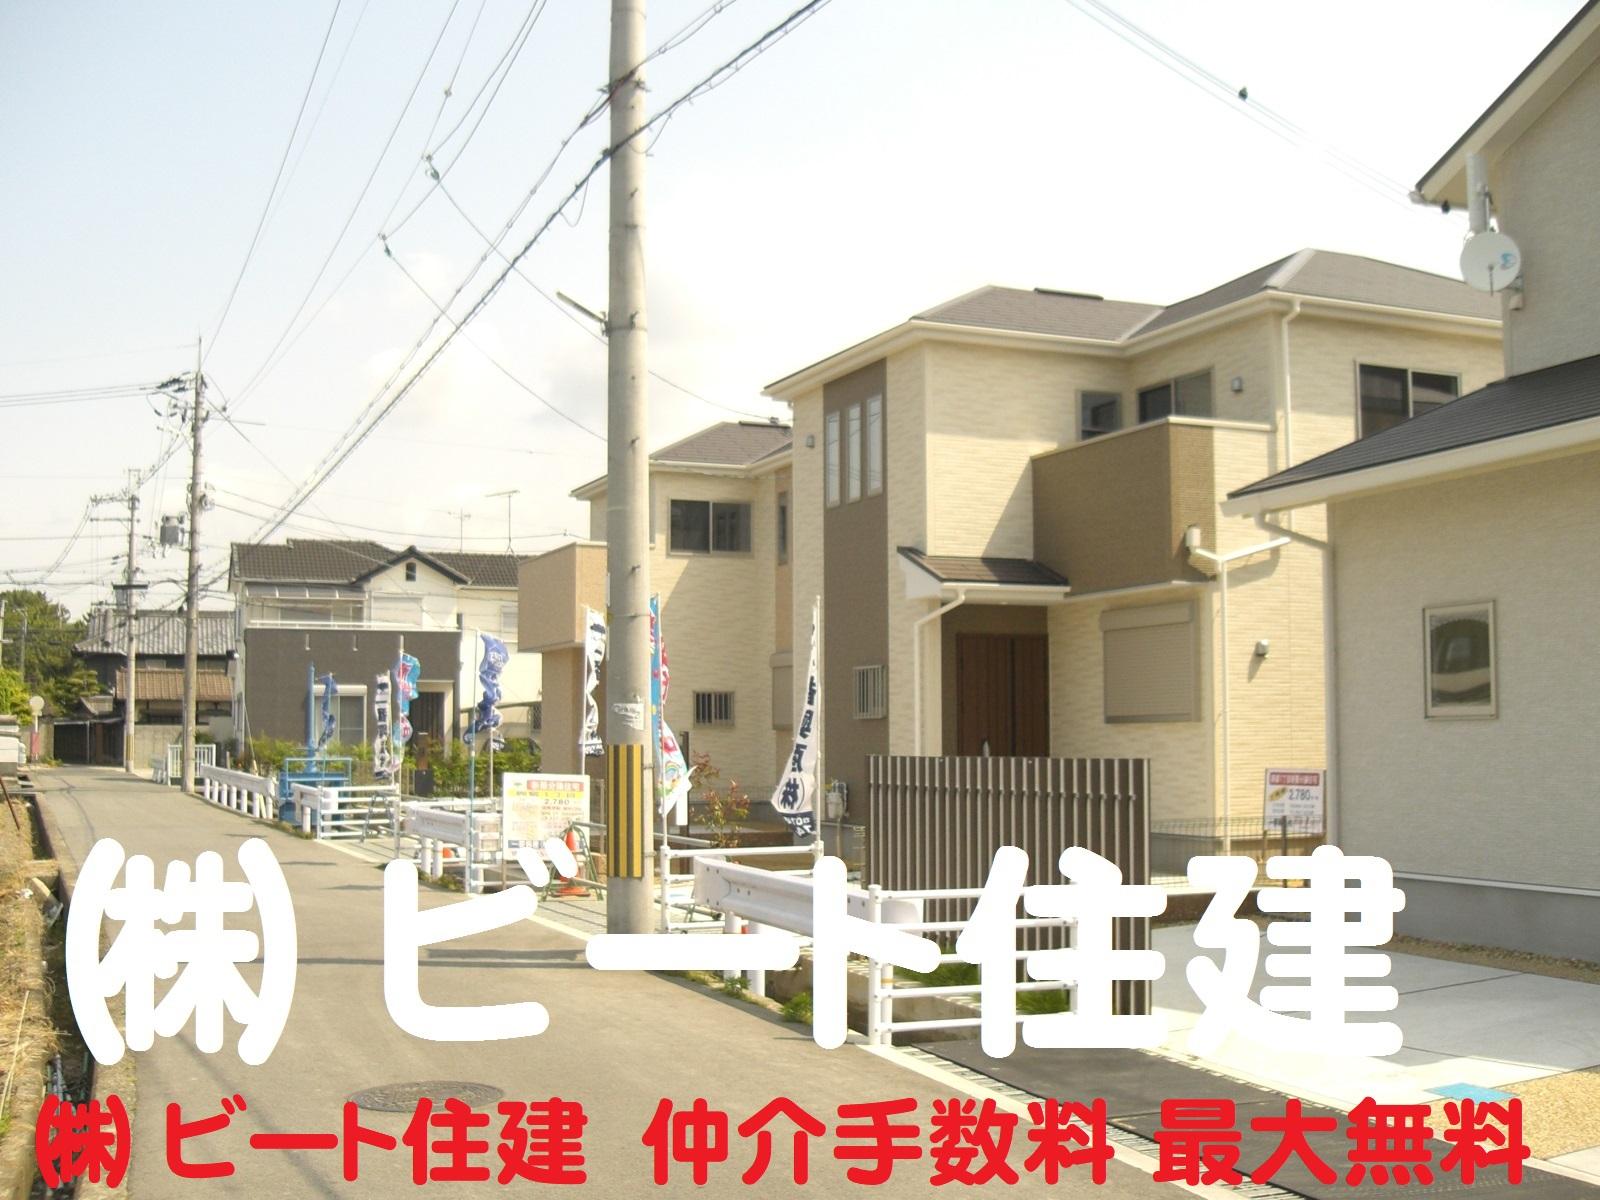 奈良県 飯田グループホールディングス 新築住宅 ビート住建 仲介手数料無料です!